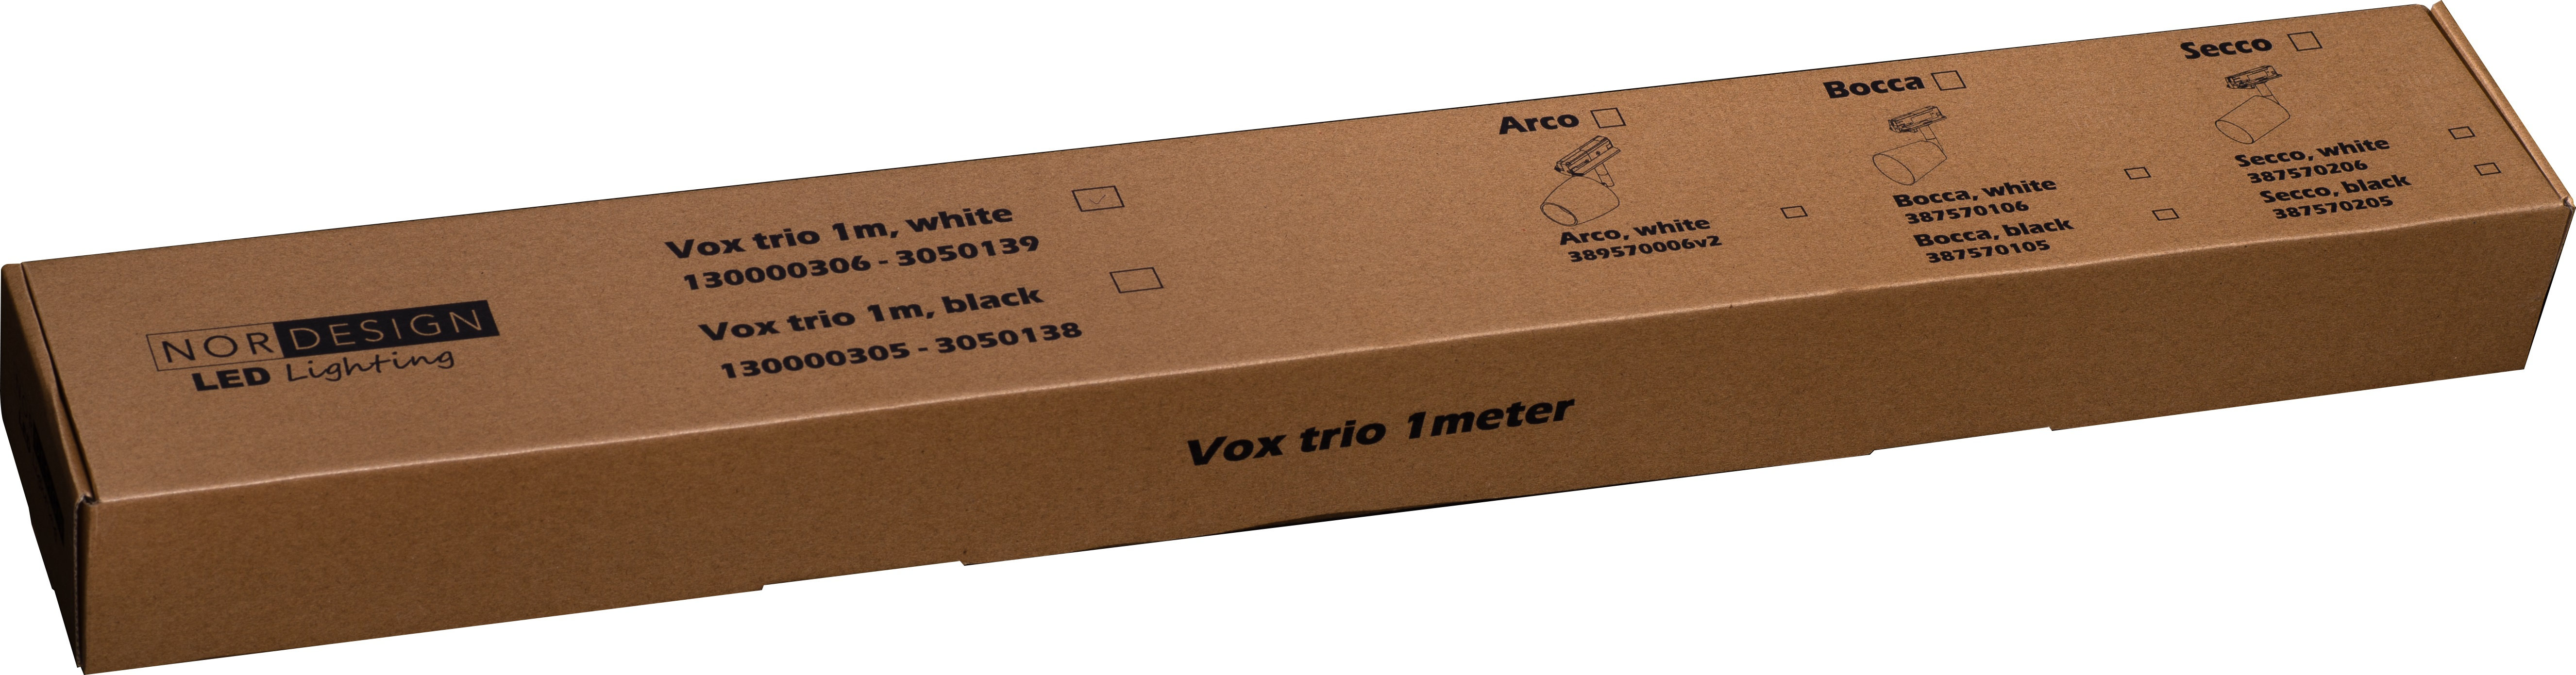 Vox Starter Kit